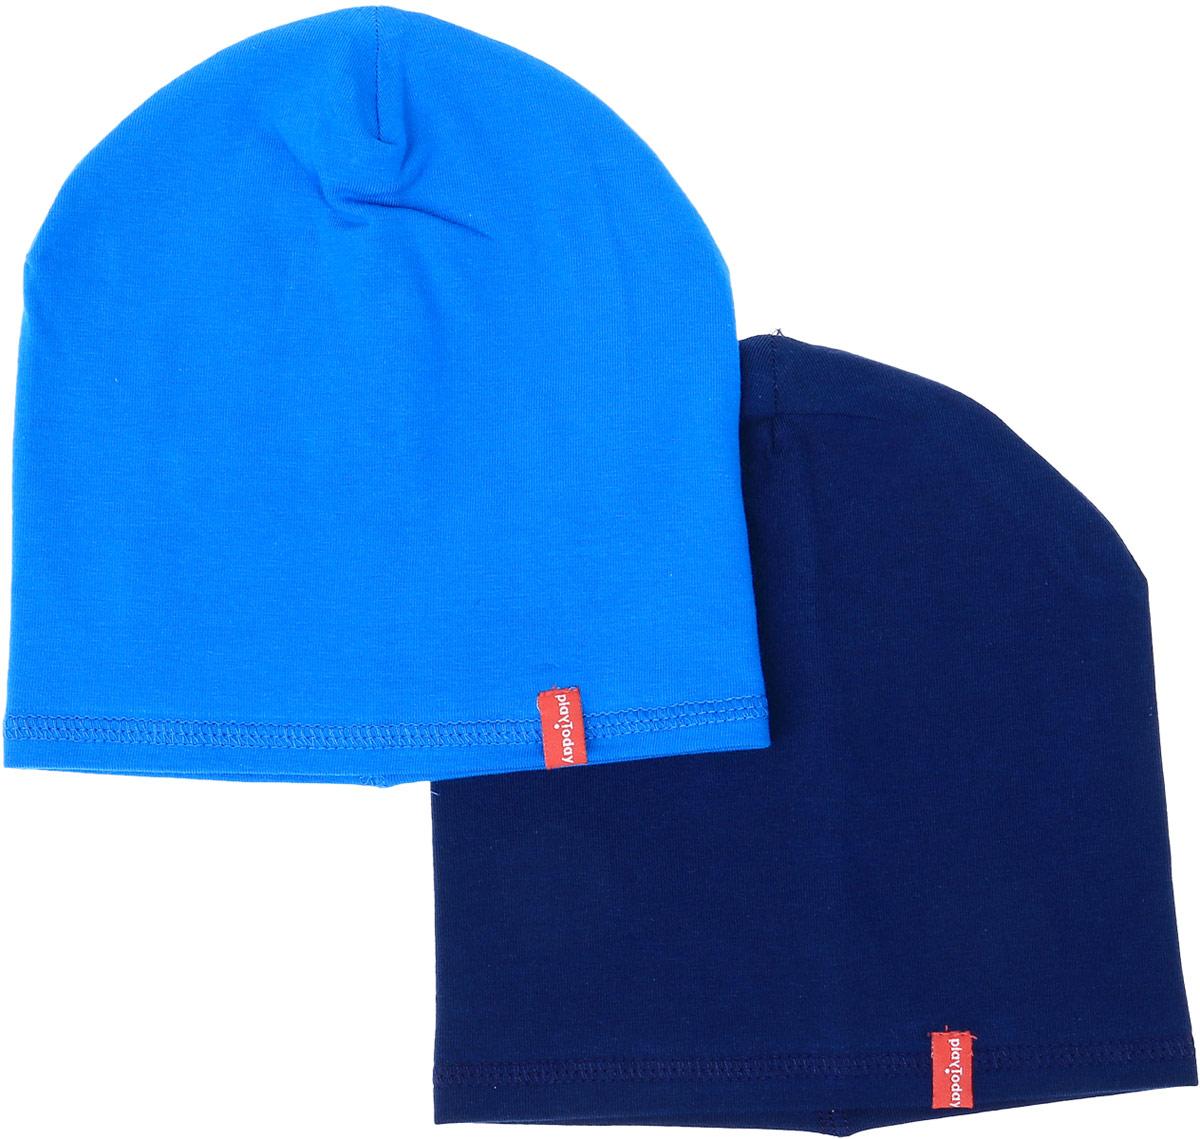 Шапка для мальчика PlayToday, цвет: темно-синий, голубой, 2 шт. 377043. Размер 48377043Шапки PlayToday из трикотажа - отличное решение для прогулок в прохладную погоду. Модели без завязок, плотно прилегают к голове, комфортны при носке.В комплекте 2 шапки.